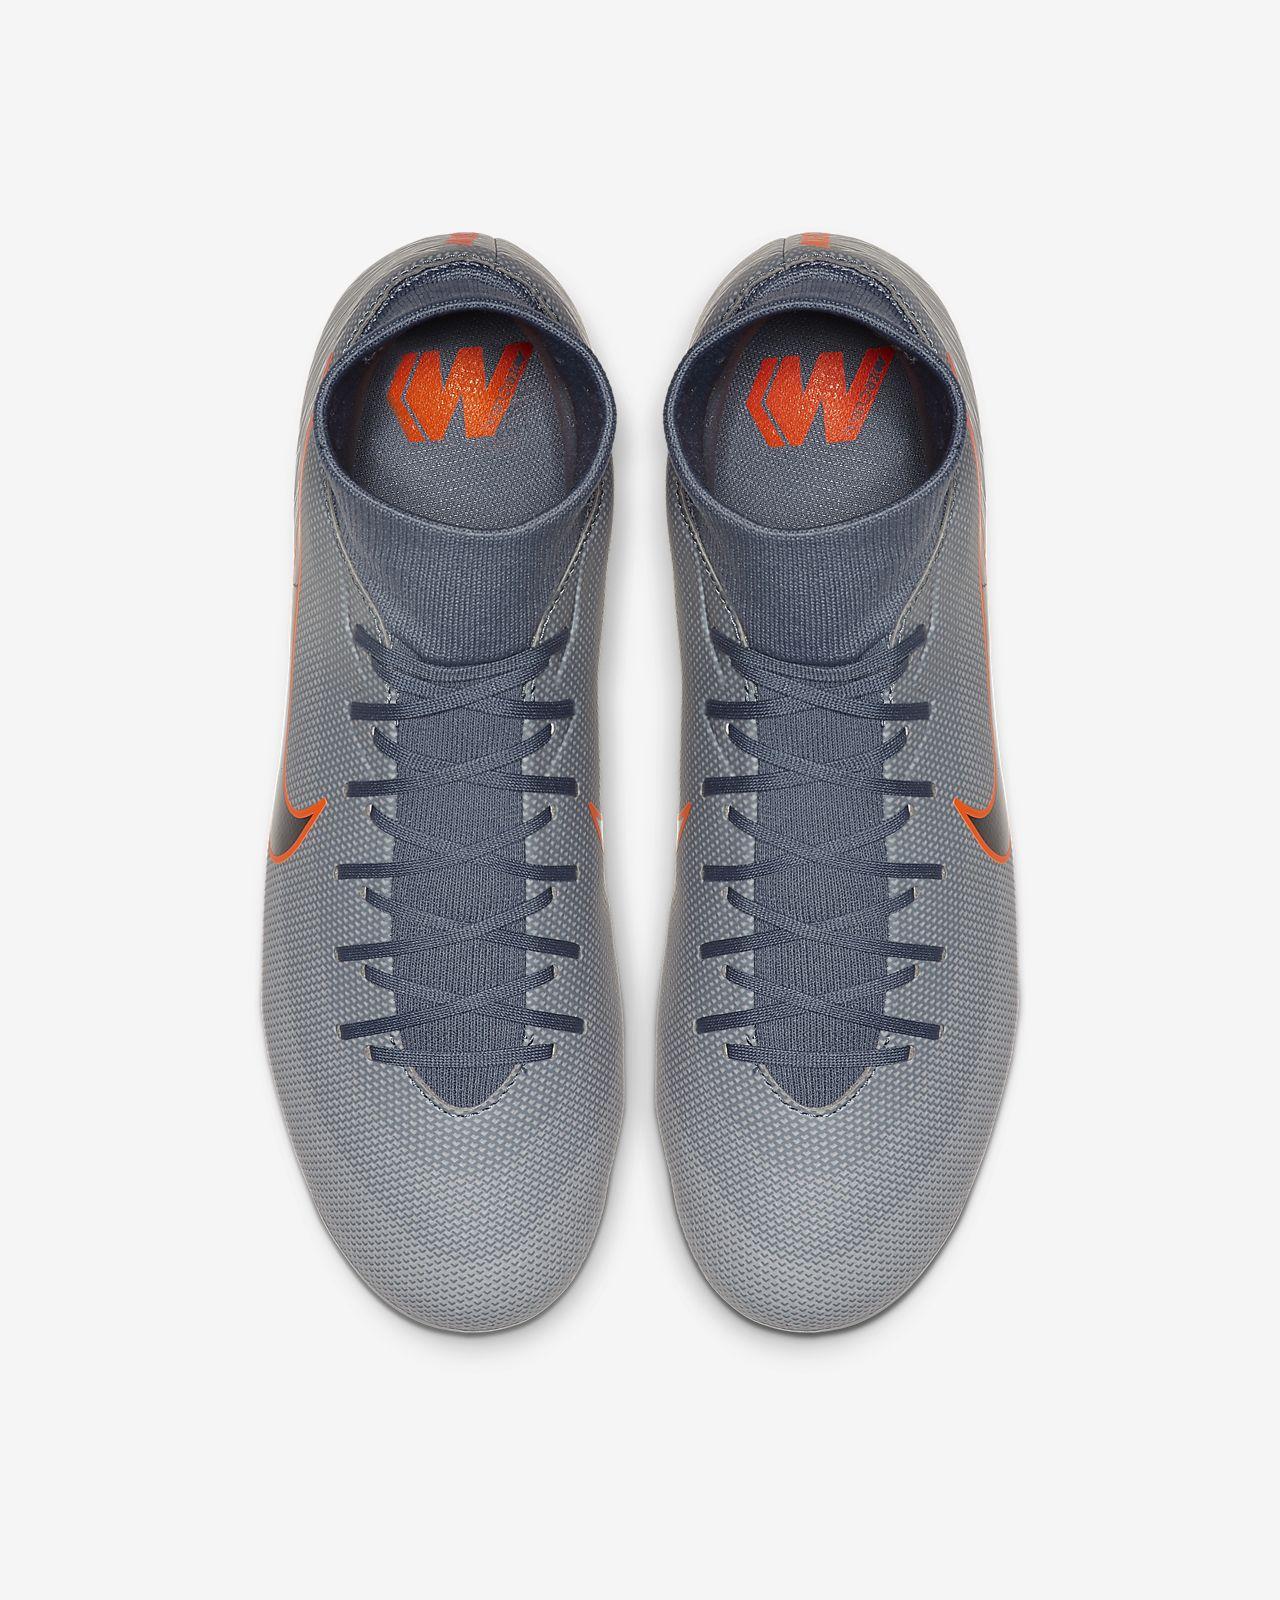 quality design 67e50 010c2 ... Nike Mercurial Superfly 6 Academy MG Herren-Fußballschuh für verschiedene  Böden